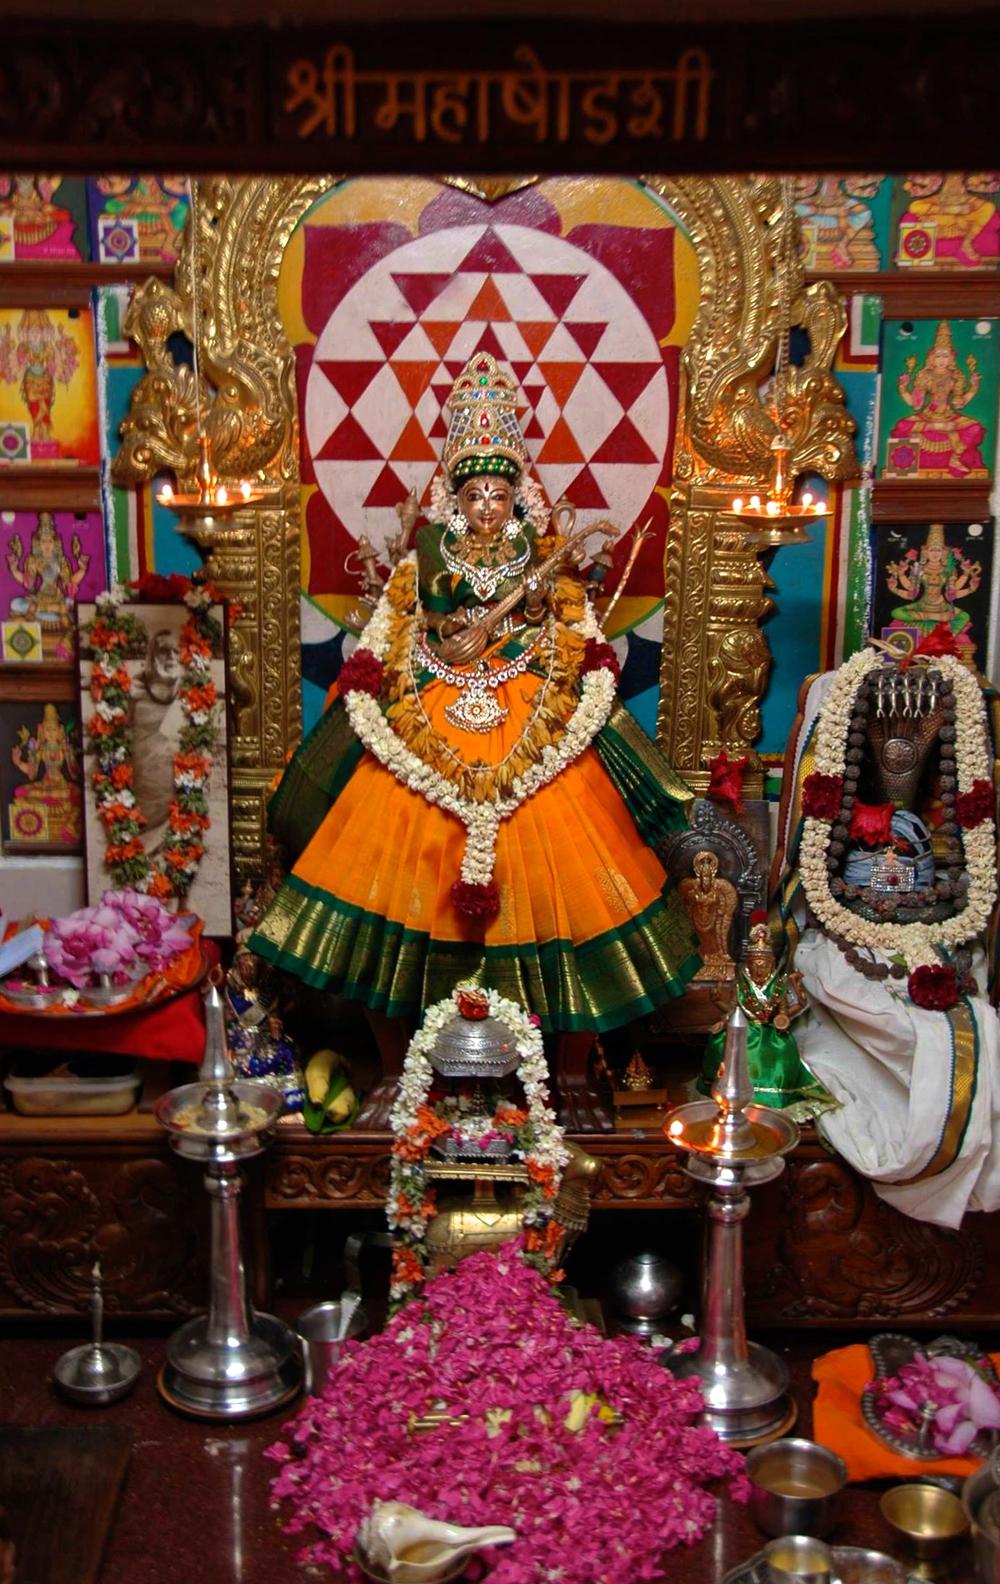 Sri Maha Shodashi at Sri Vidya Peetham, Bhaskara Prakasha Ashram